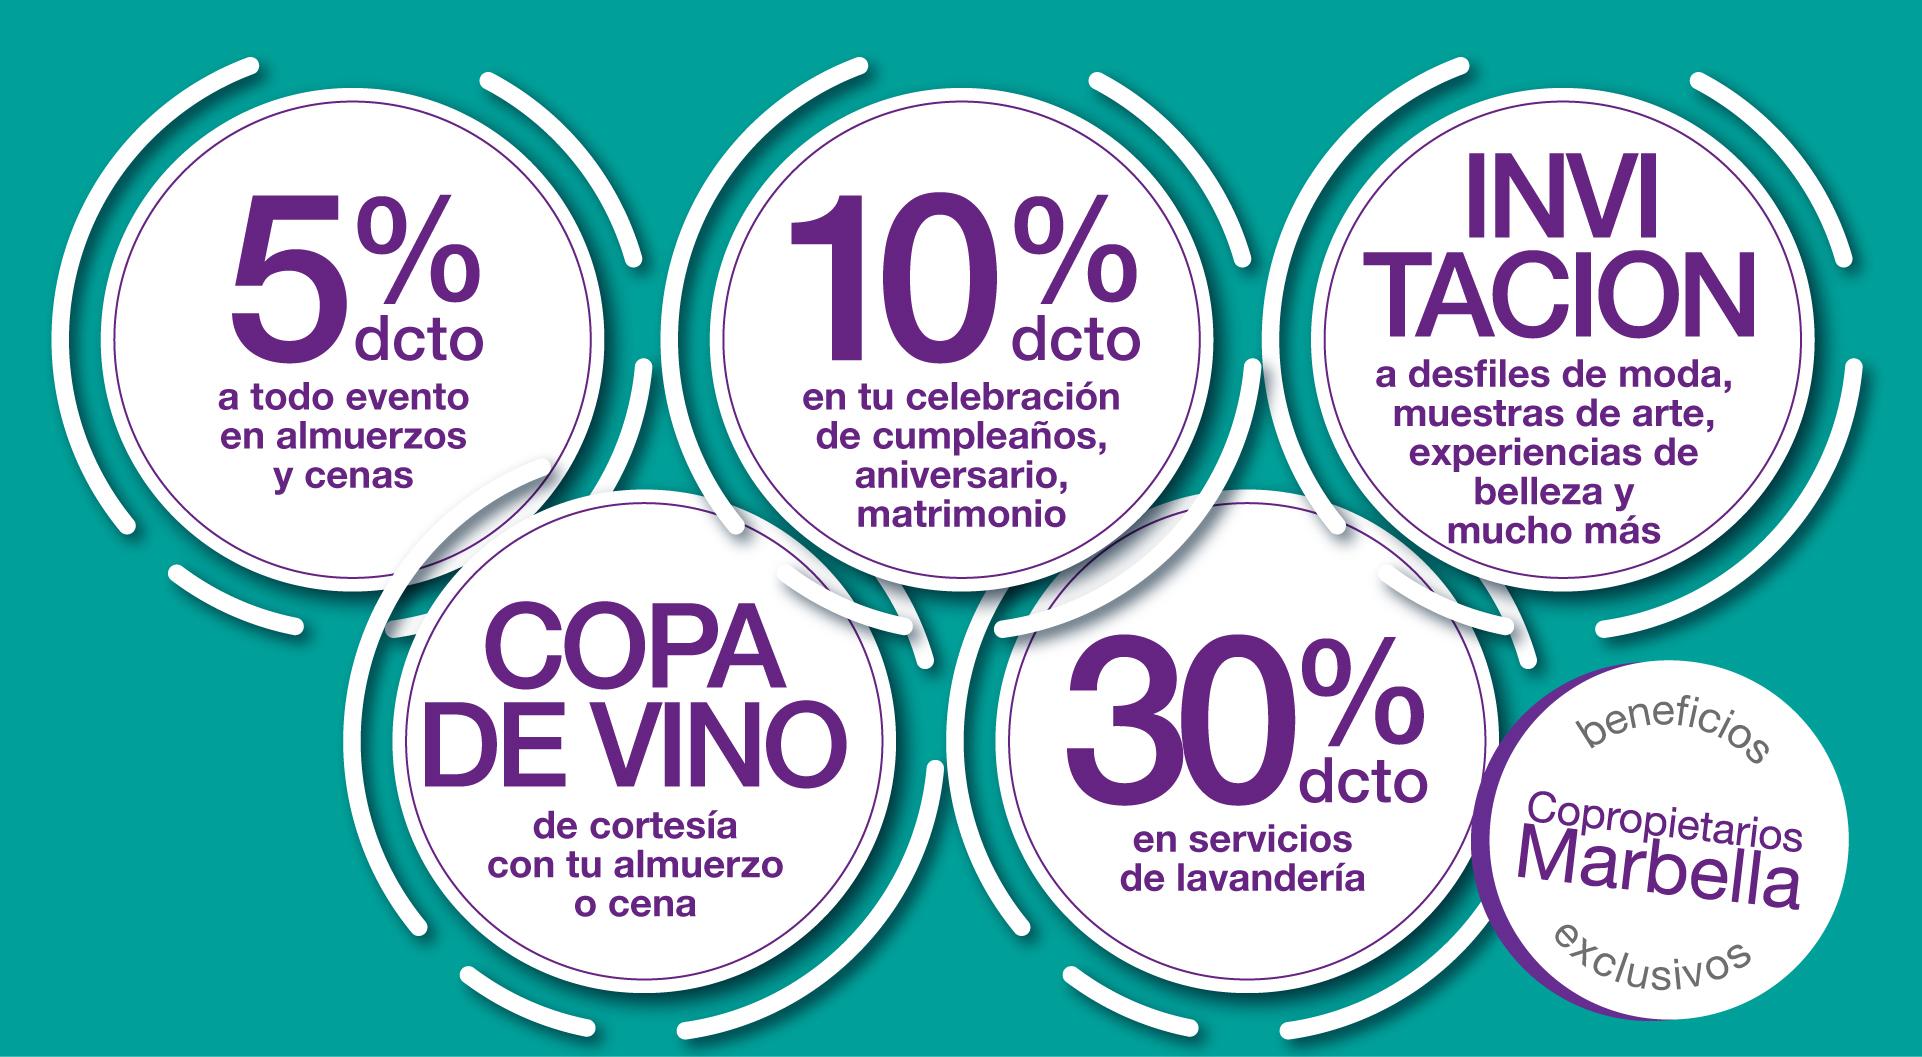 Beneficios Corpropietarios Marbella